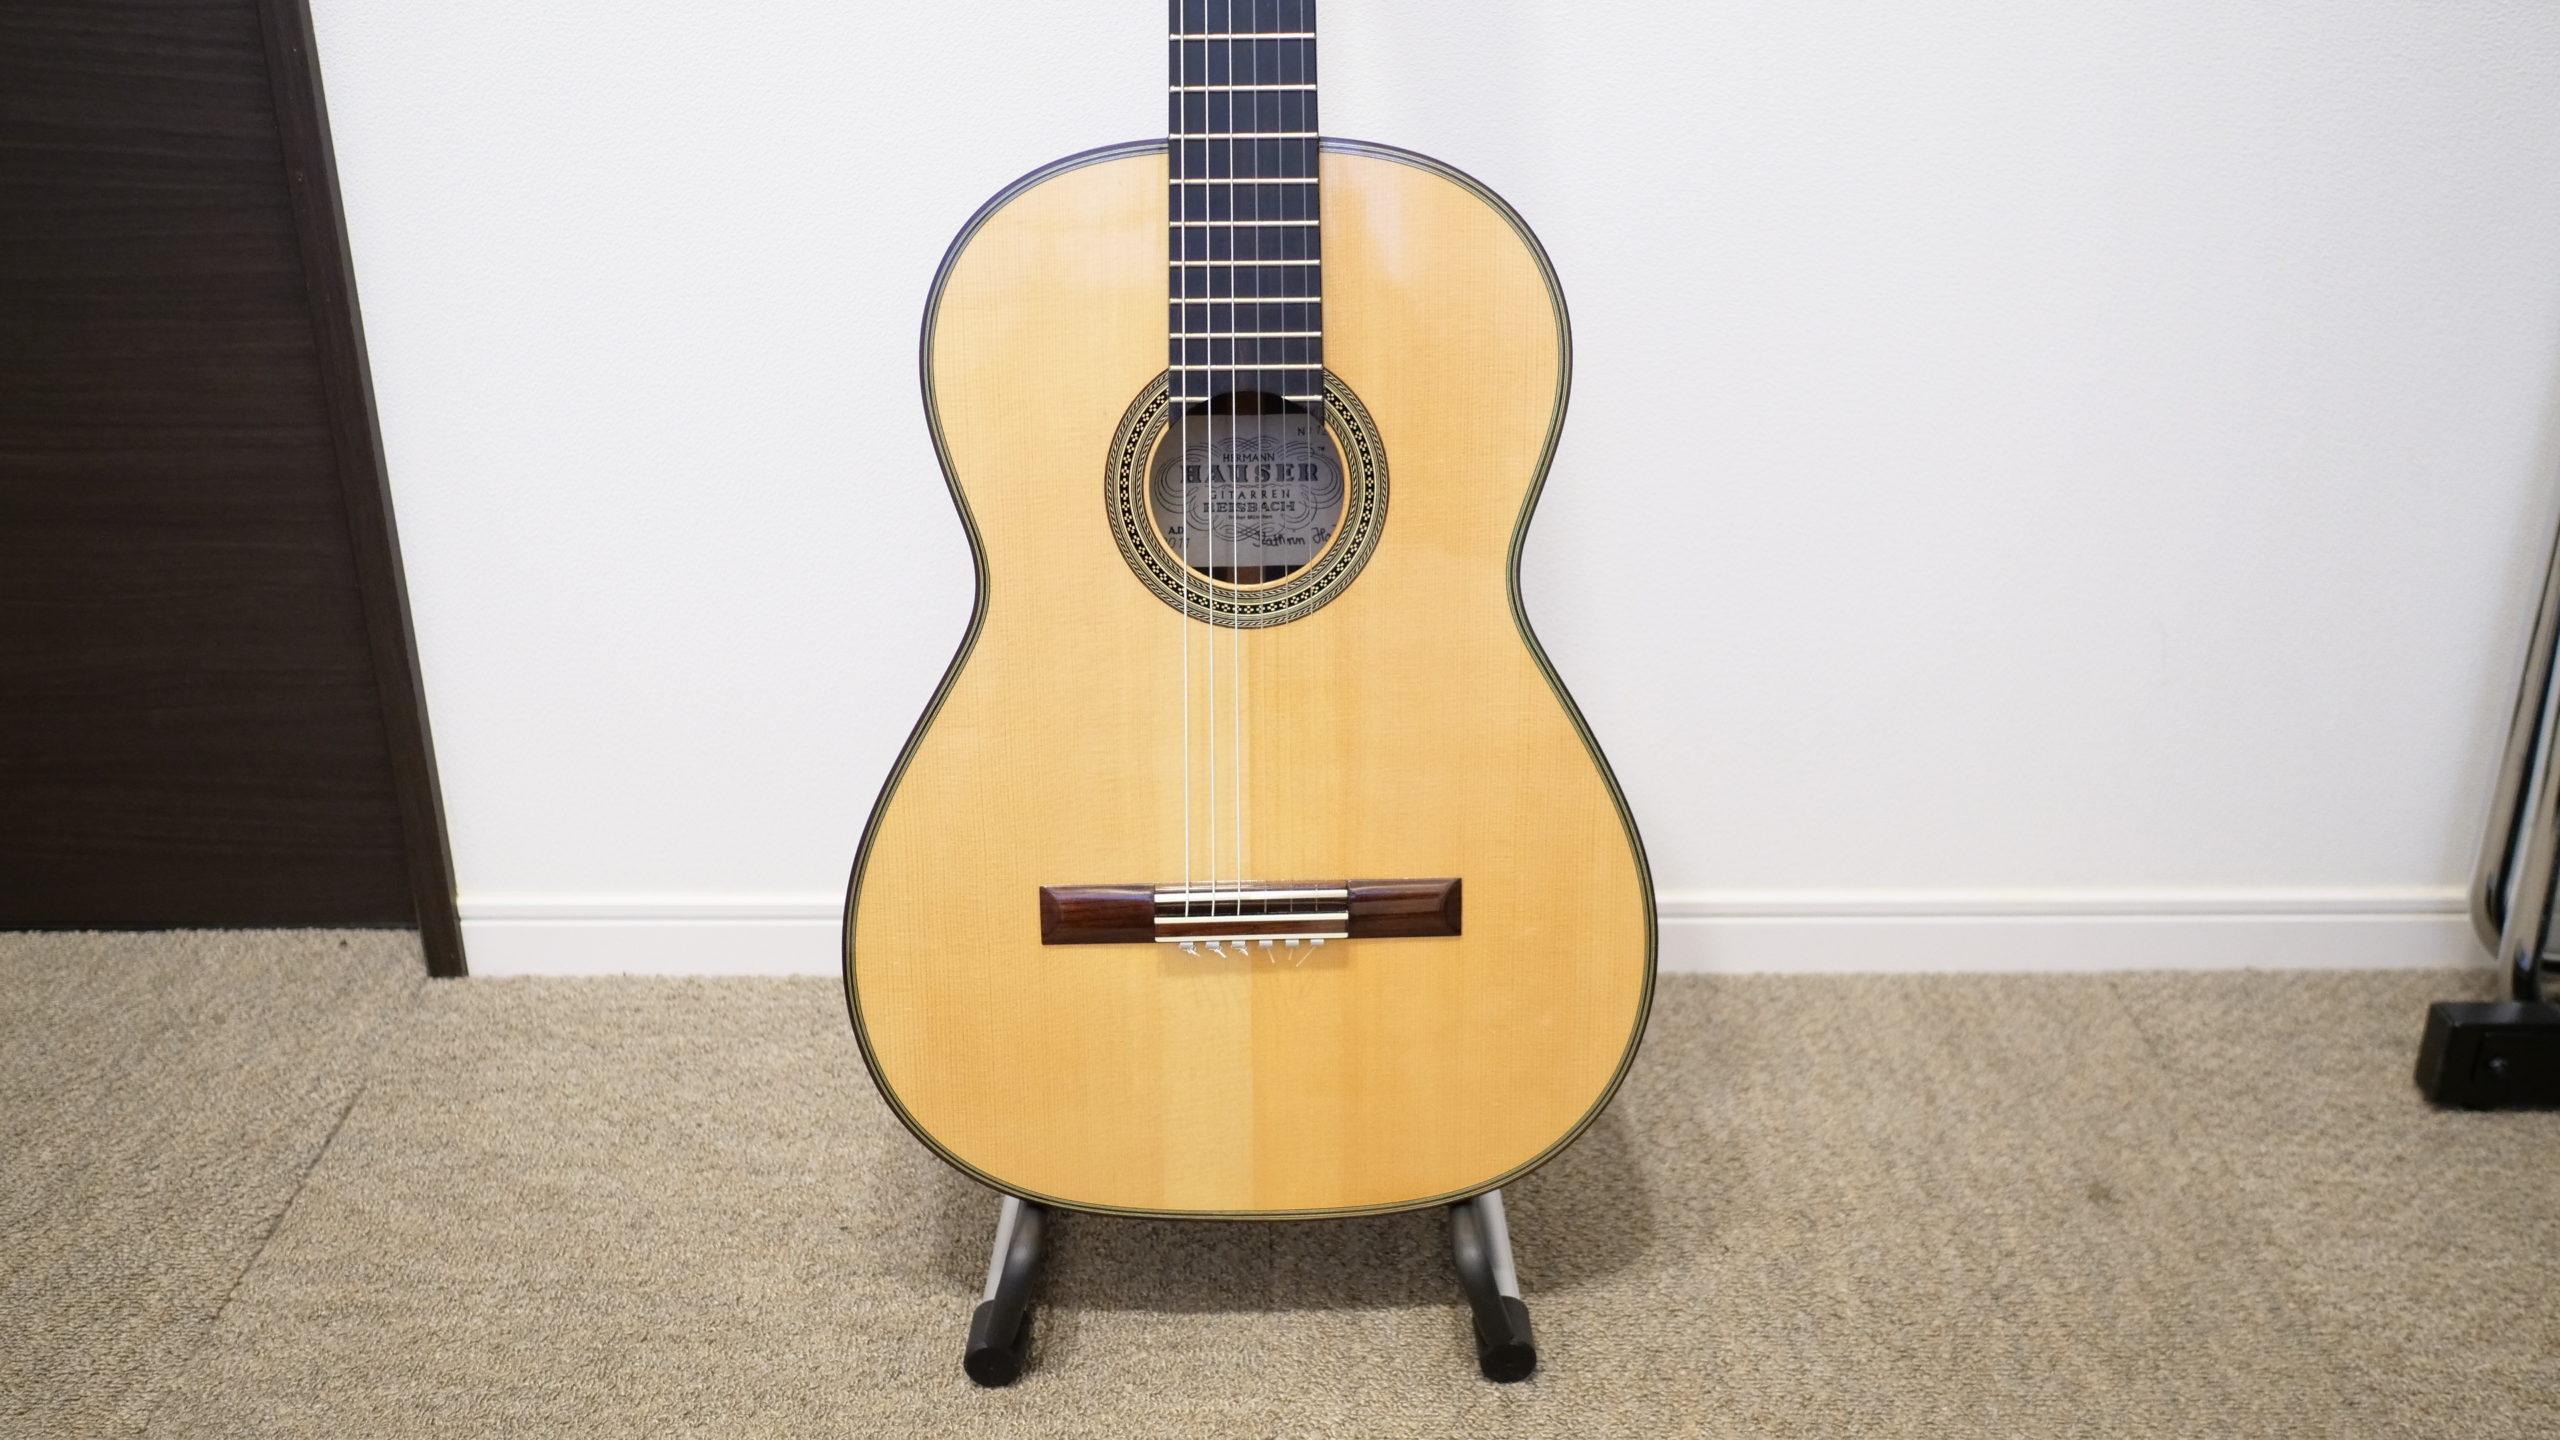 ZHRUNSのギタースタンドにクラシックギター乗せてみた